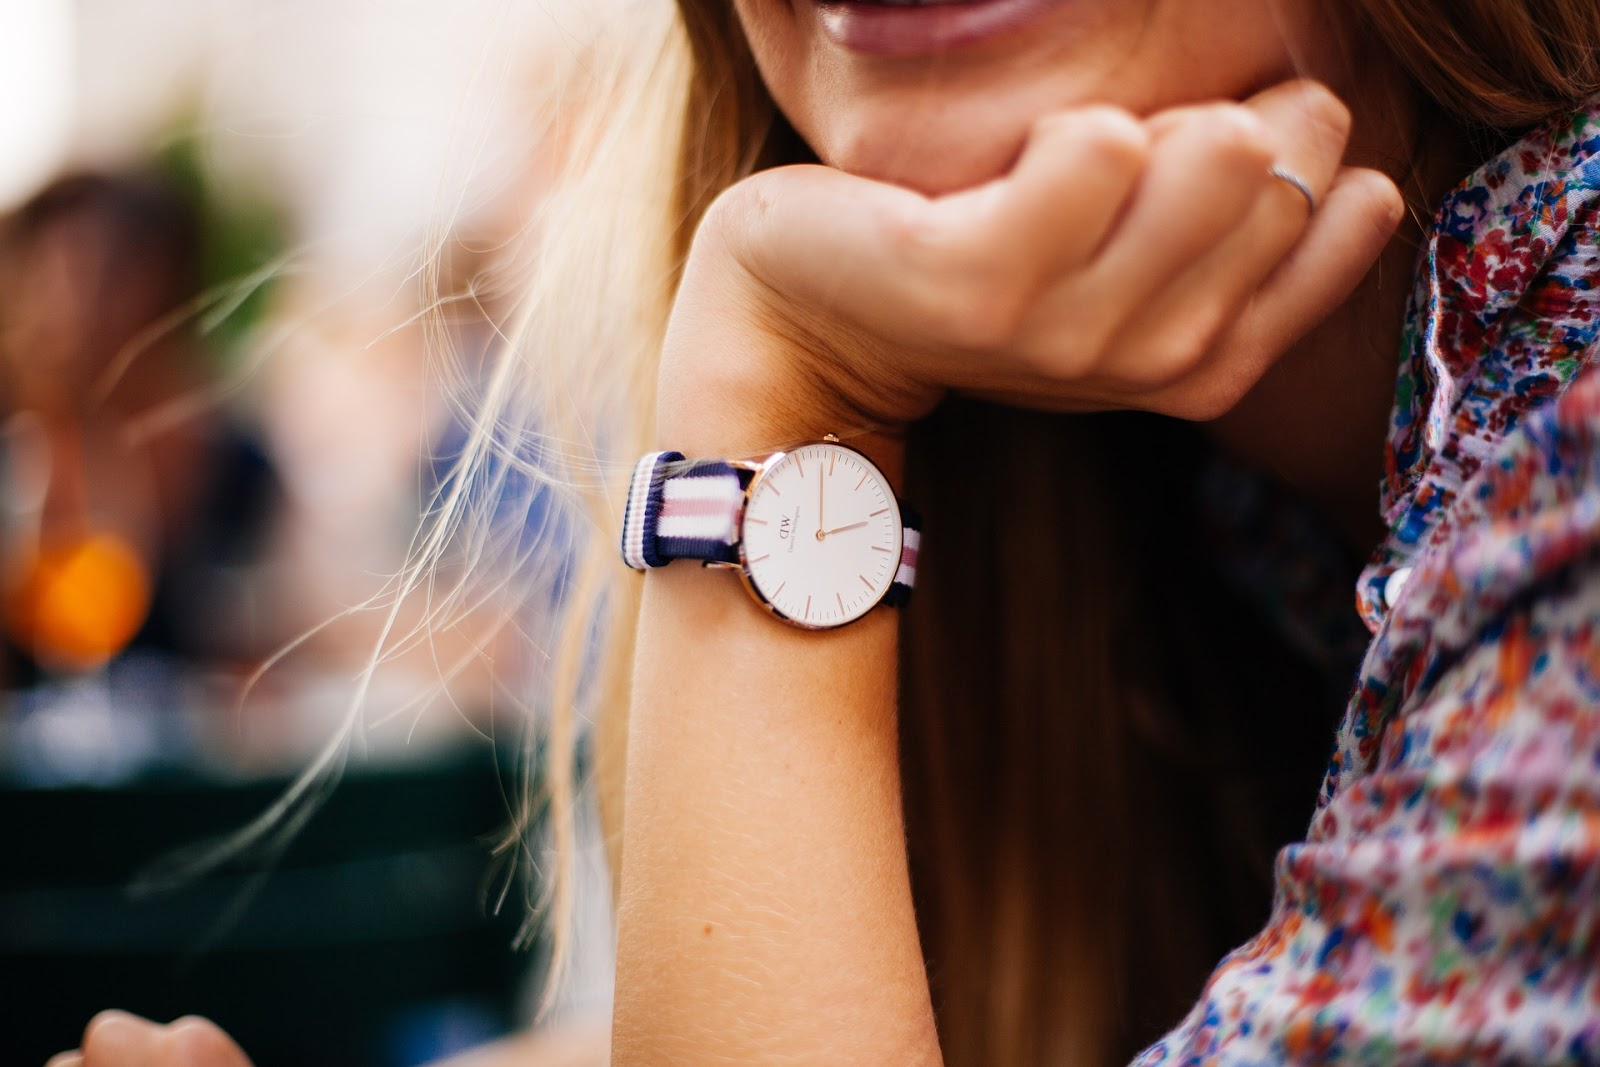 Damenuhren silber 2017  Uhren Trends 2017 Damen – die wichtigsten Neuheiten im Überblick ...